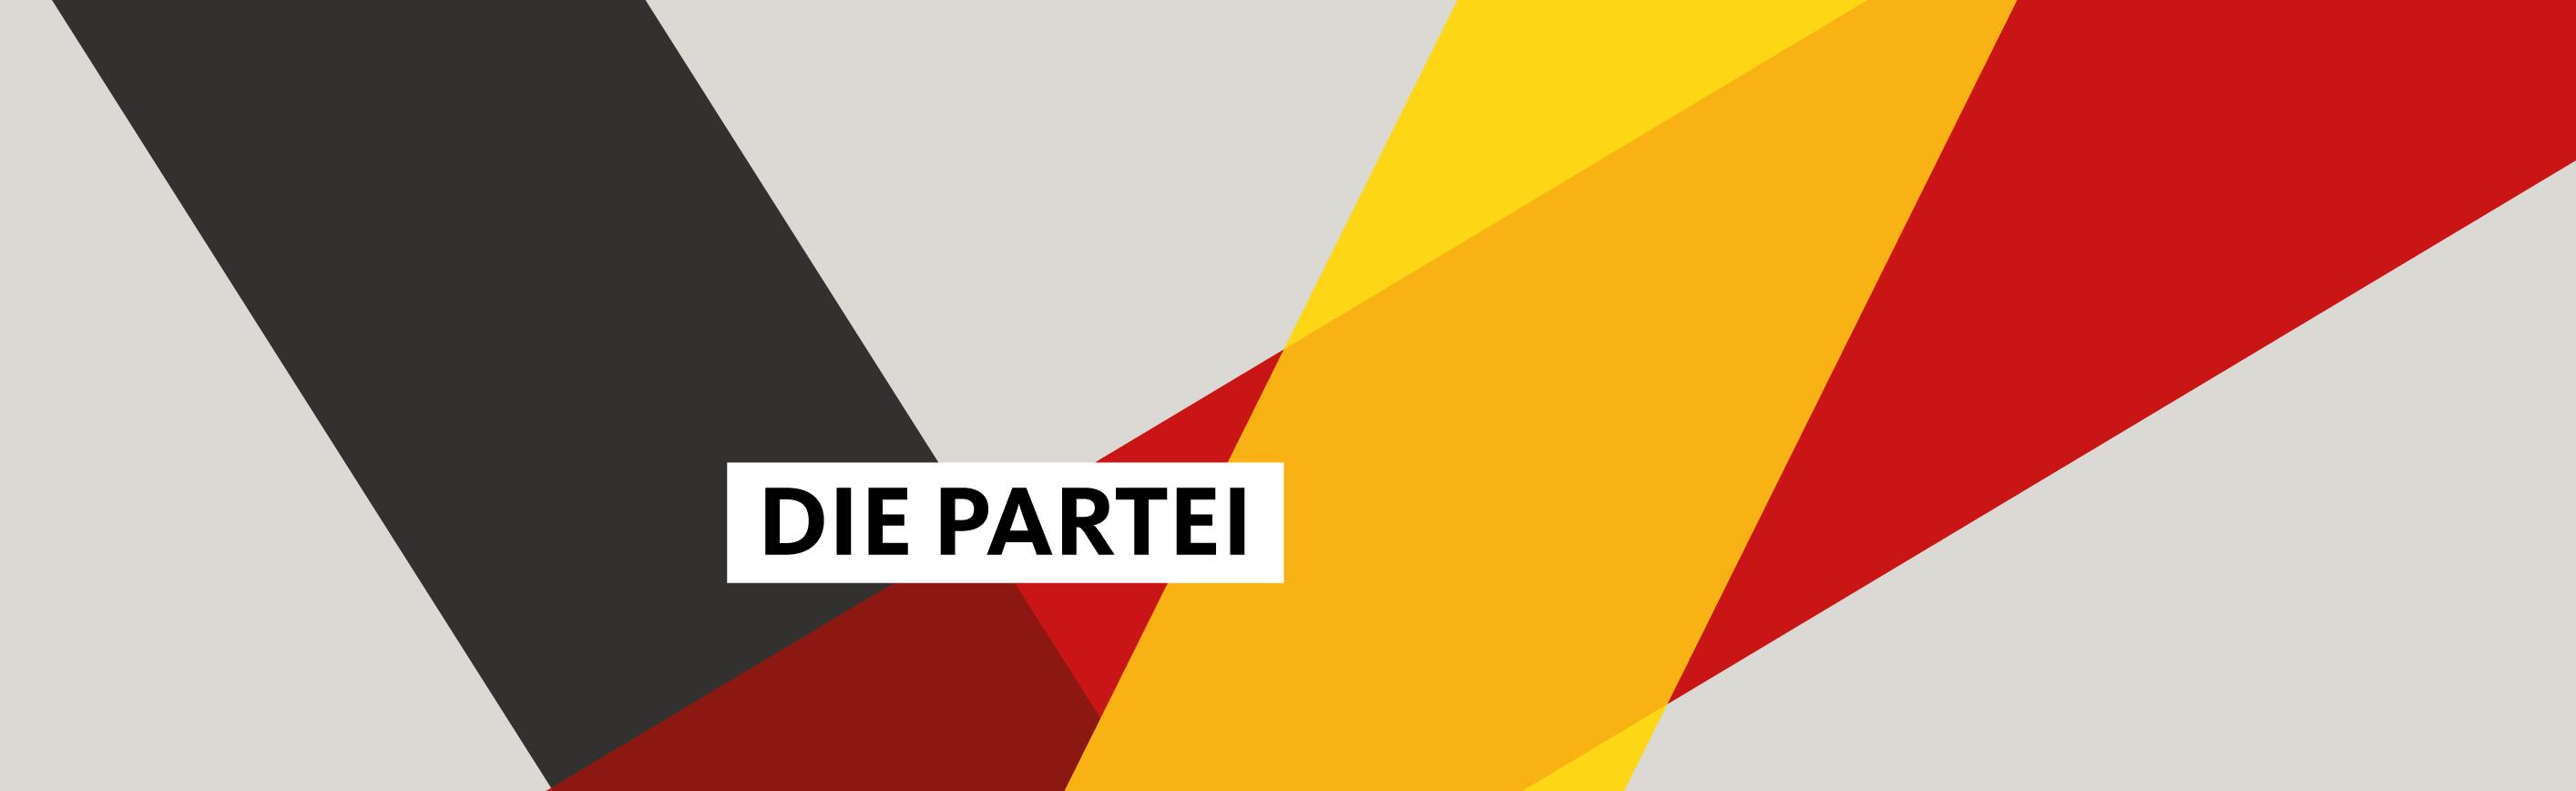 CDU Willich Partei